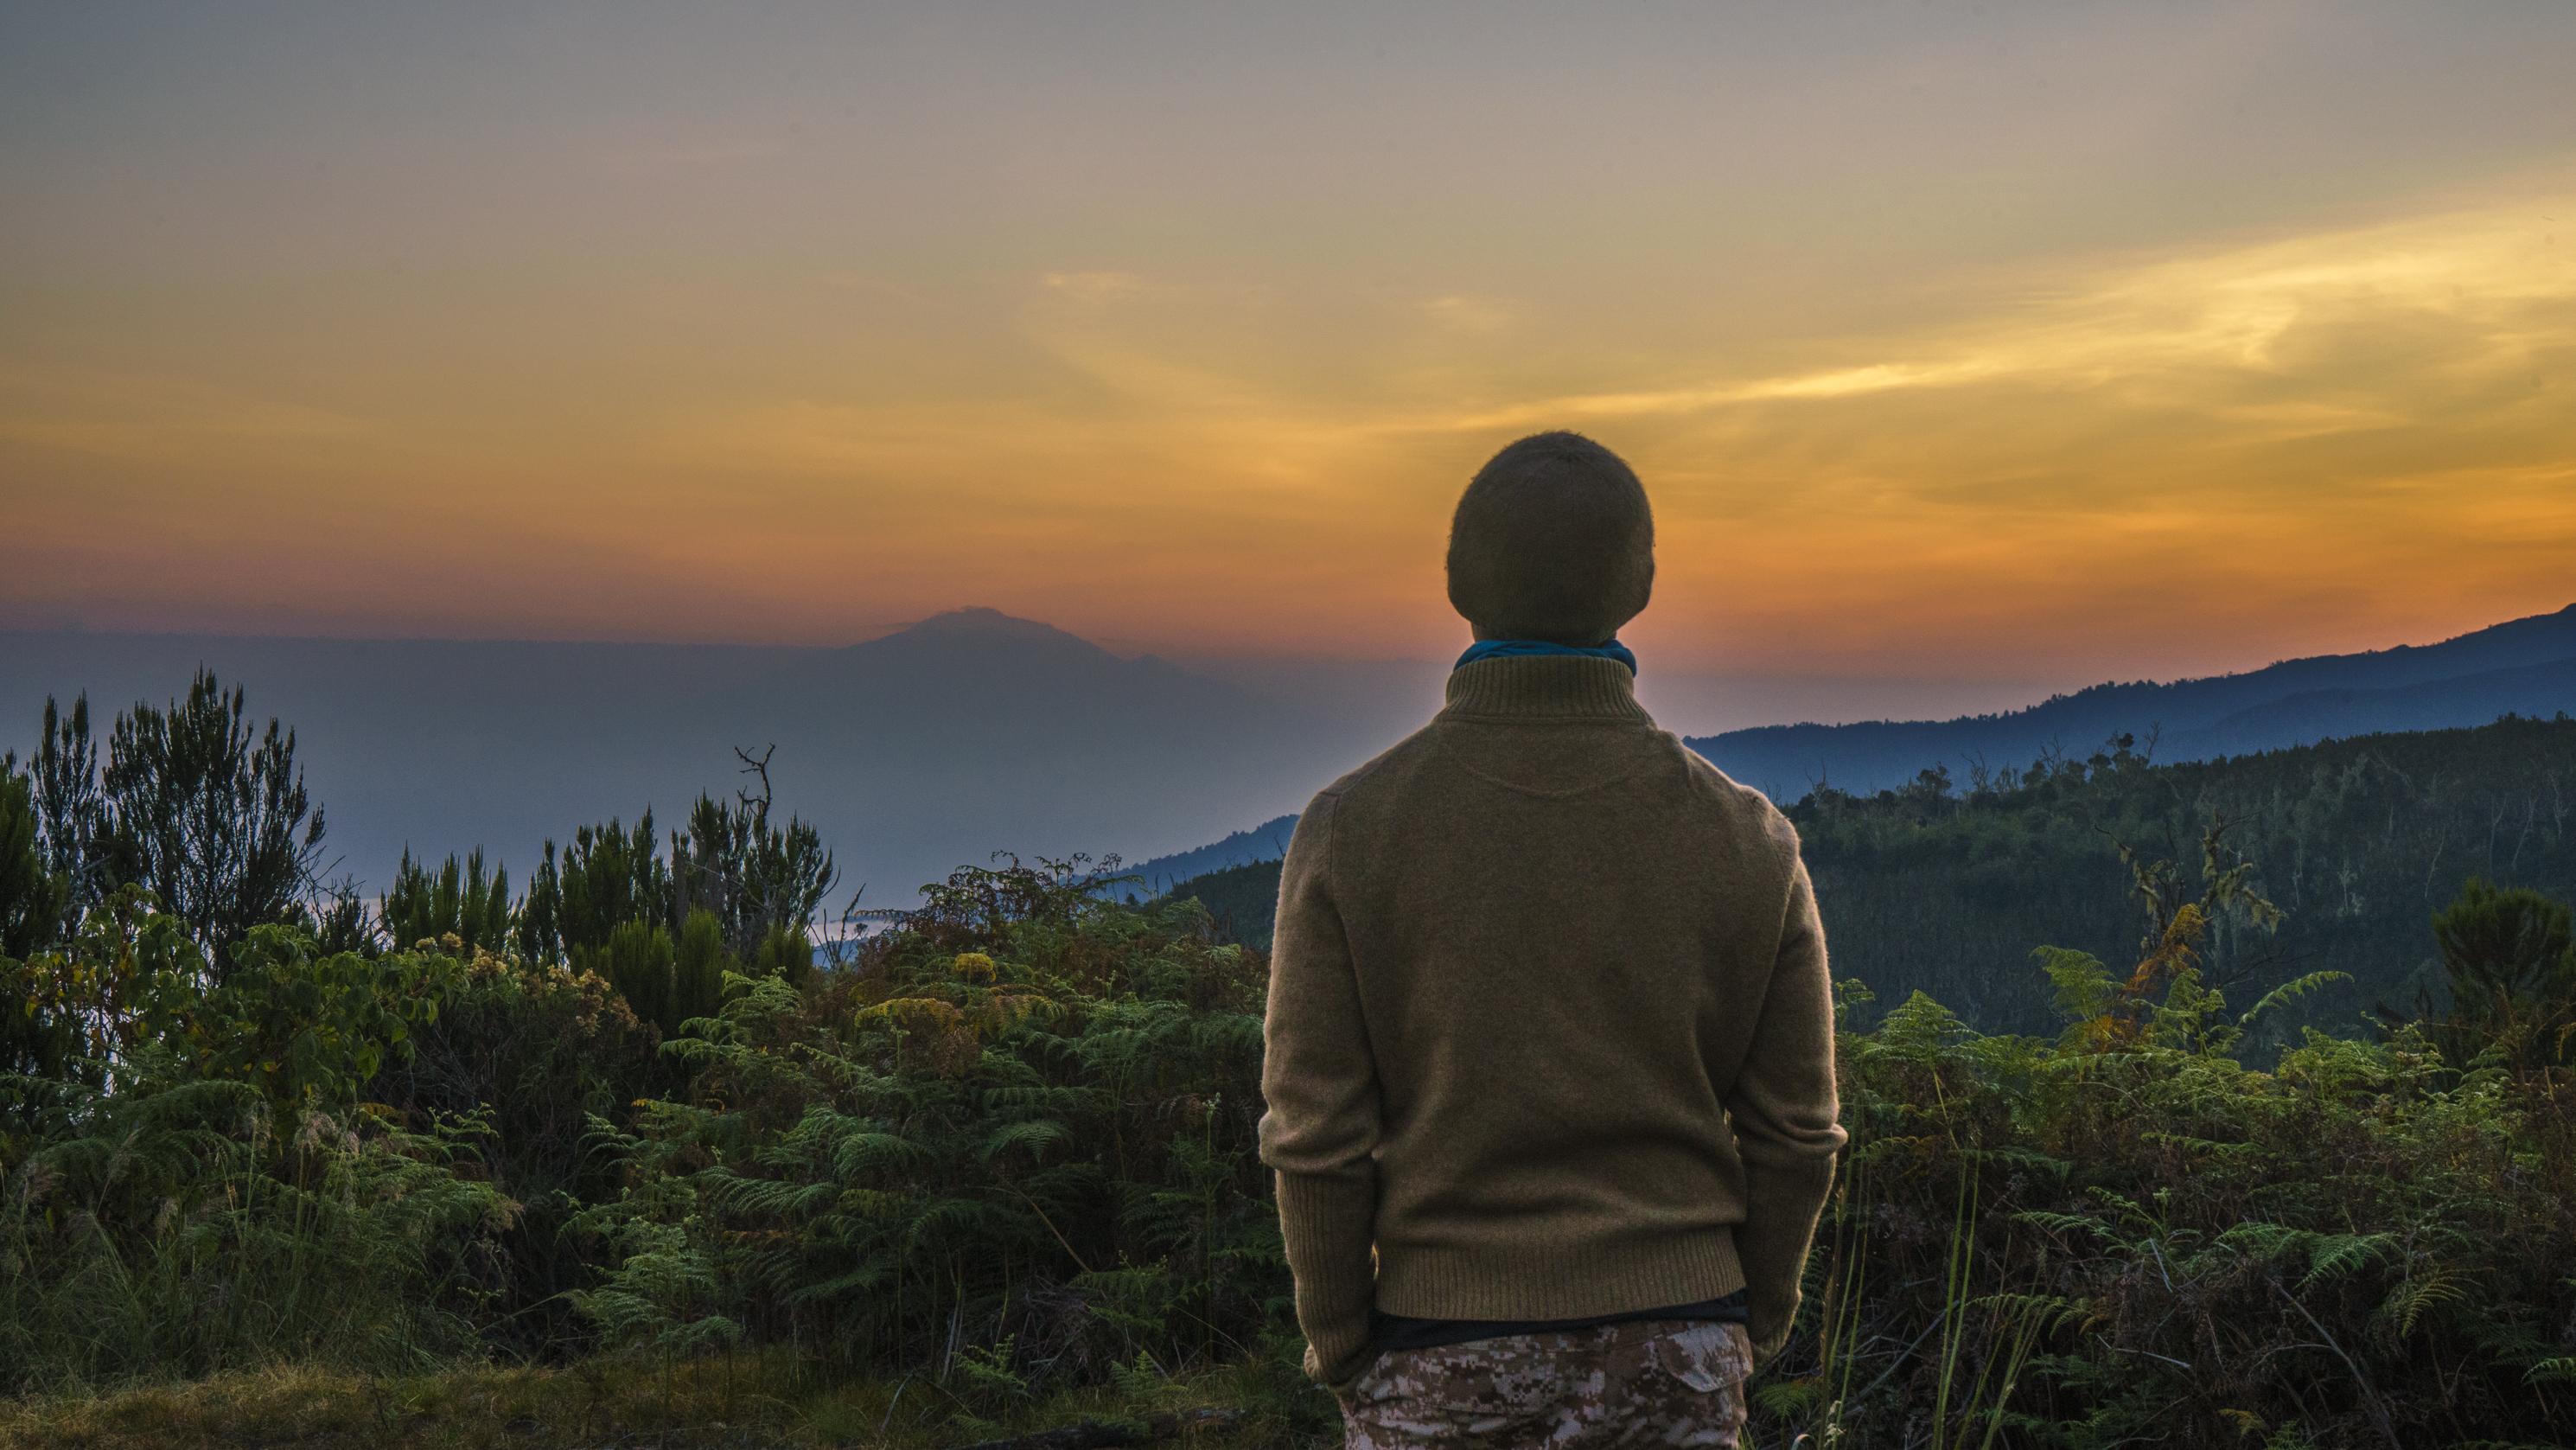 Kilimanjaro: Hết ngày dài lại đêm thâu, chúng ta đi leo núi Phi châu - Ảnh 5.